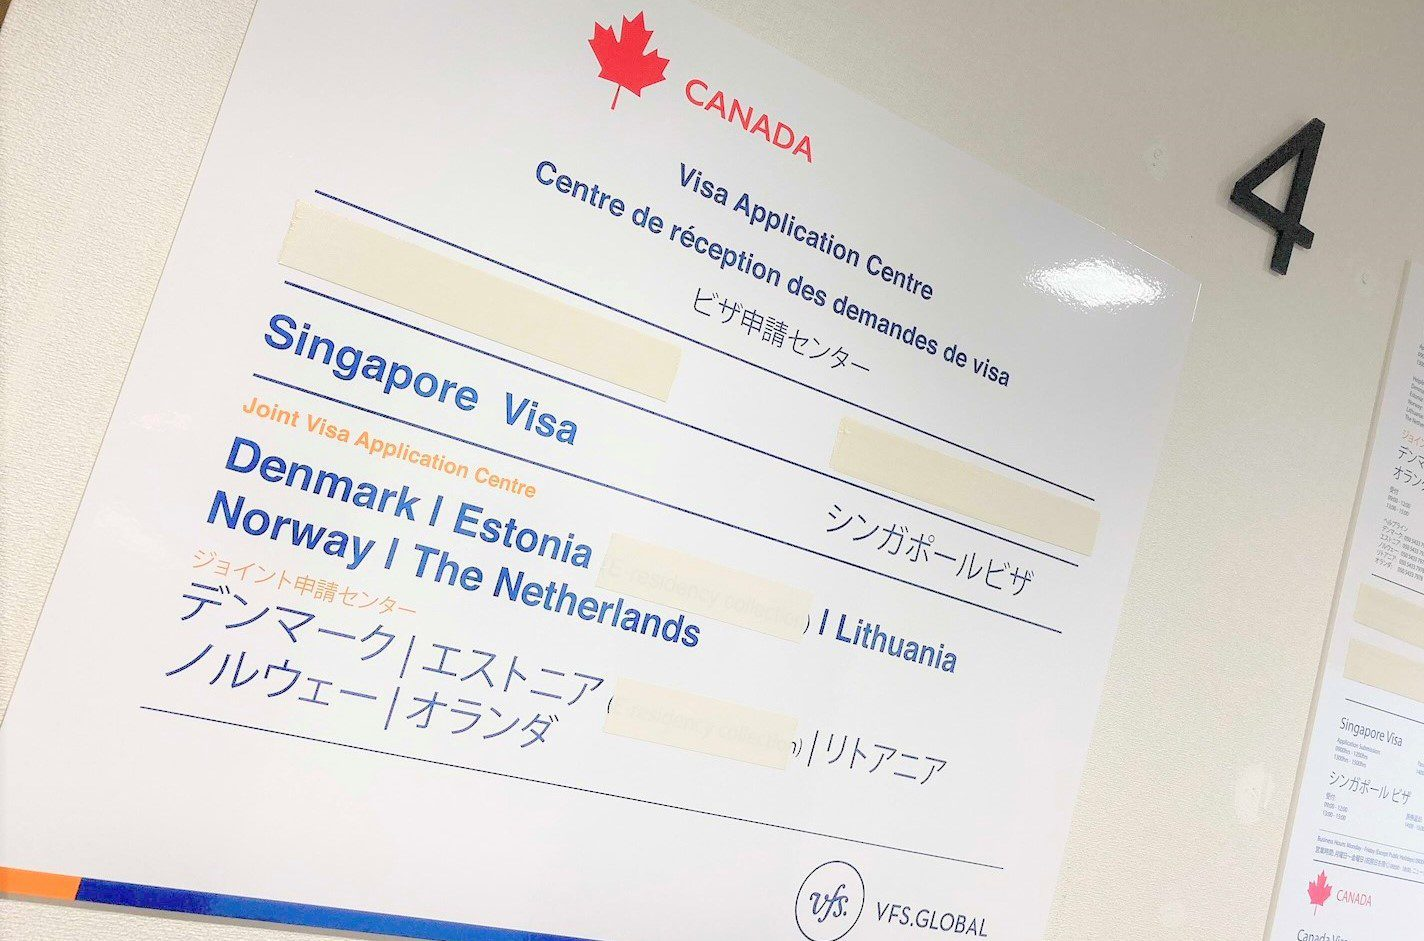 夏にはカナダへ!IDグローバルコース生、留学準備中